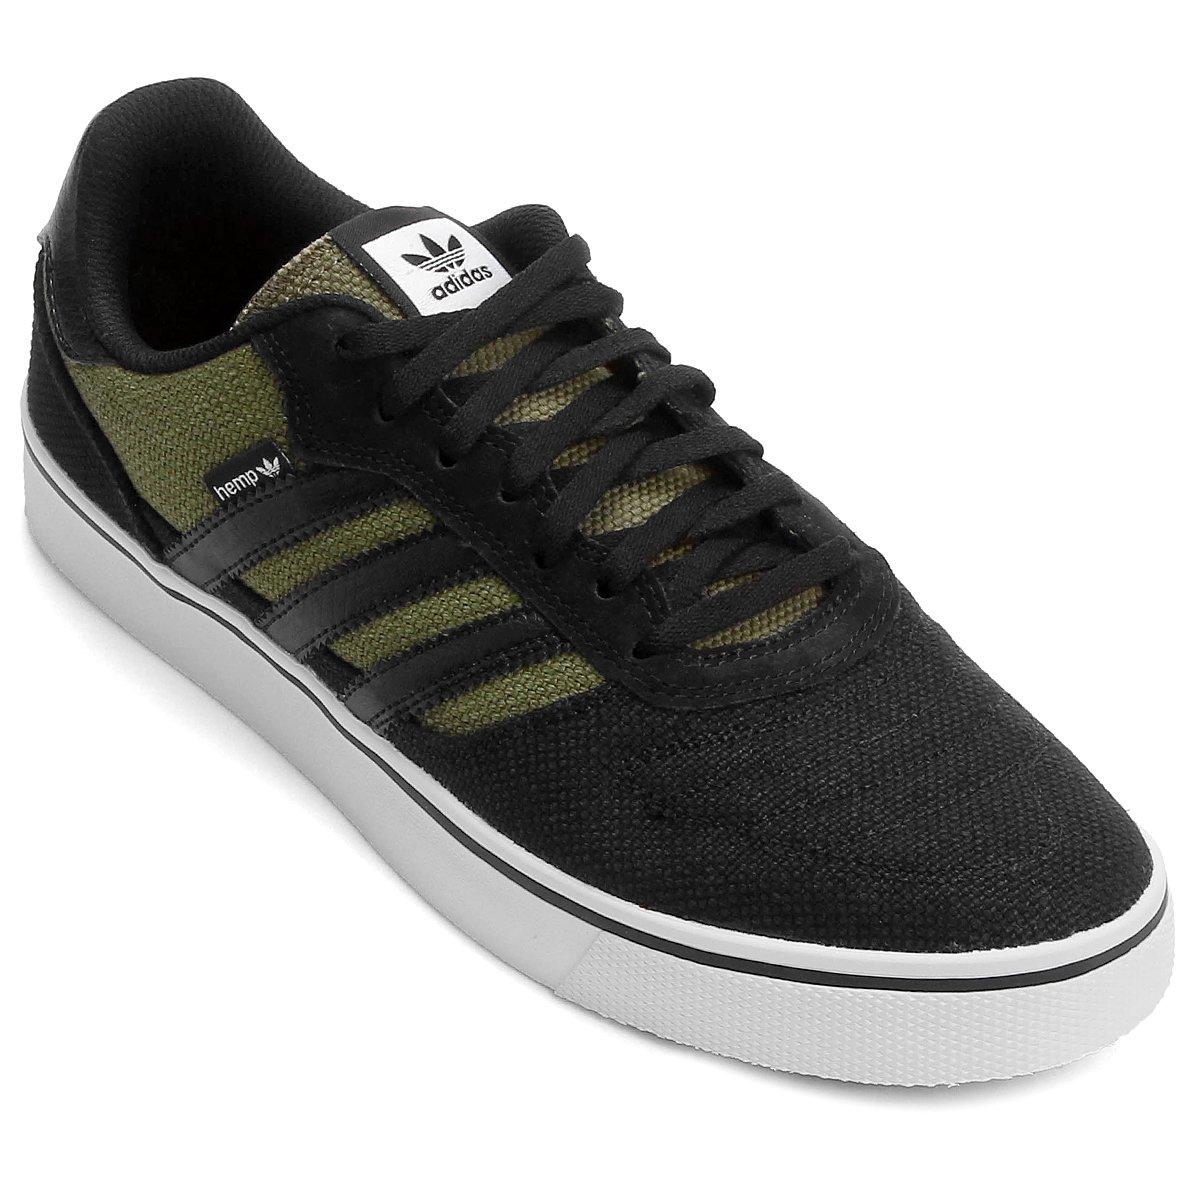 e11dd9e9e04 Tênis Adidas Copa Vulc Hemp - Compre Agora